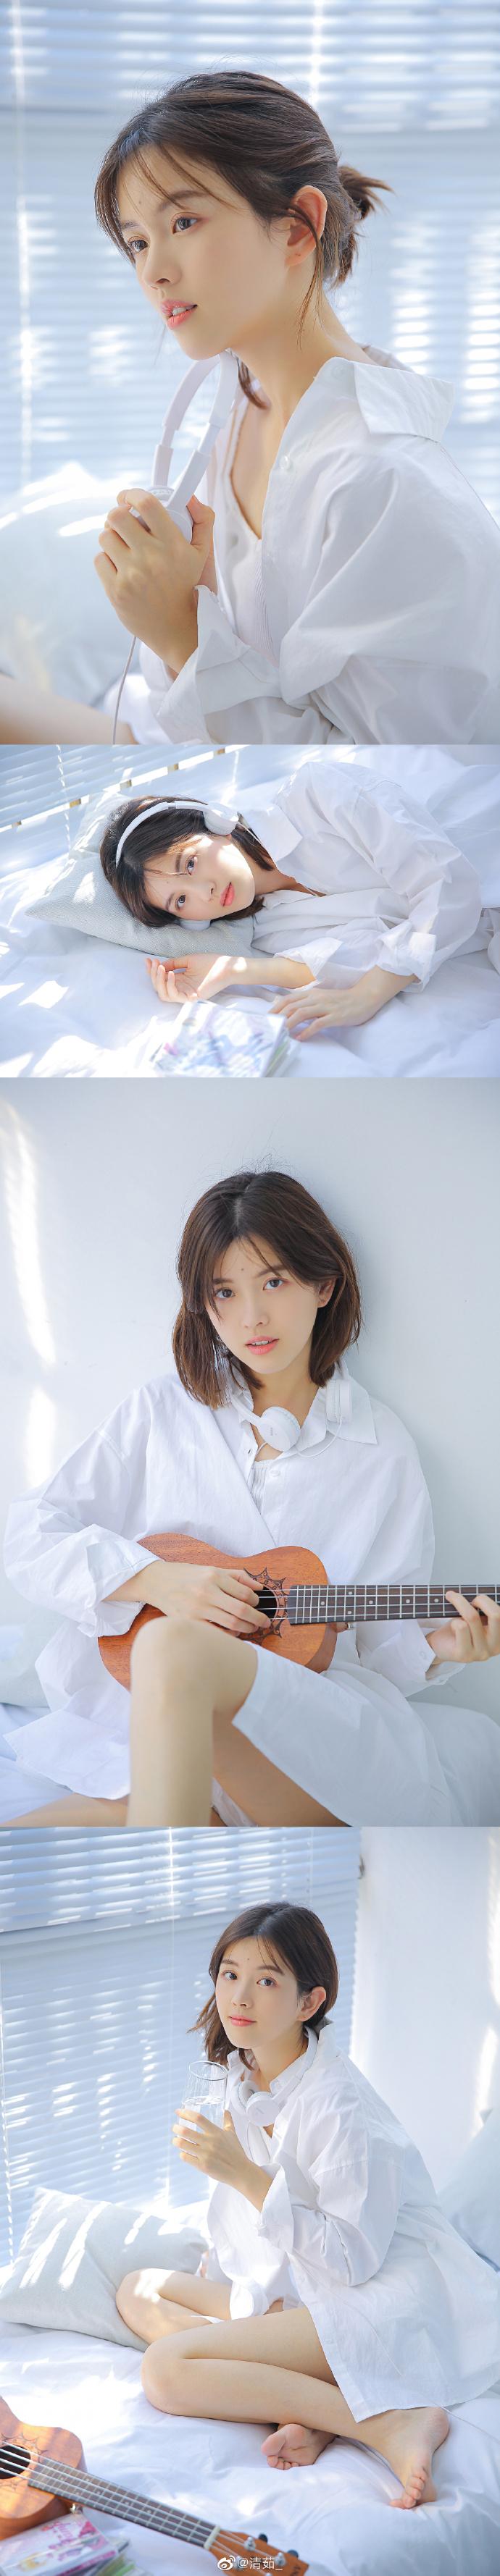 【金源平台ins美女】白色衬衣的清澈透明国产美少女